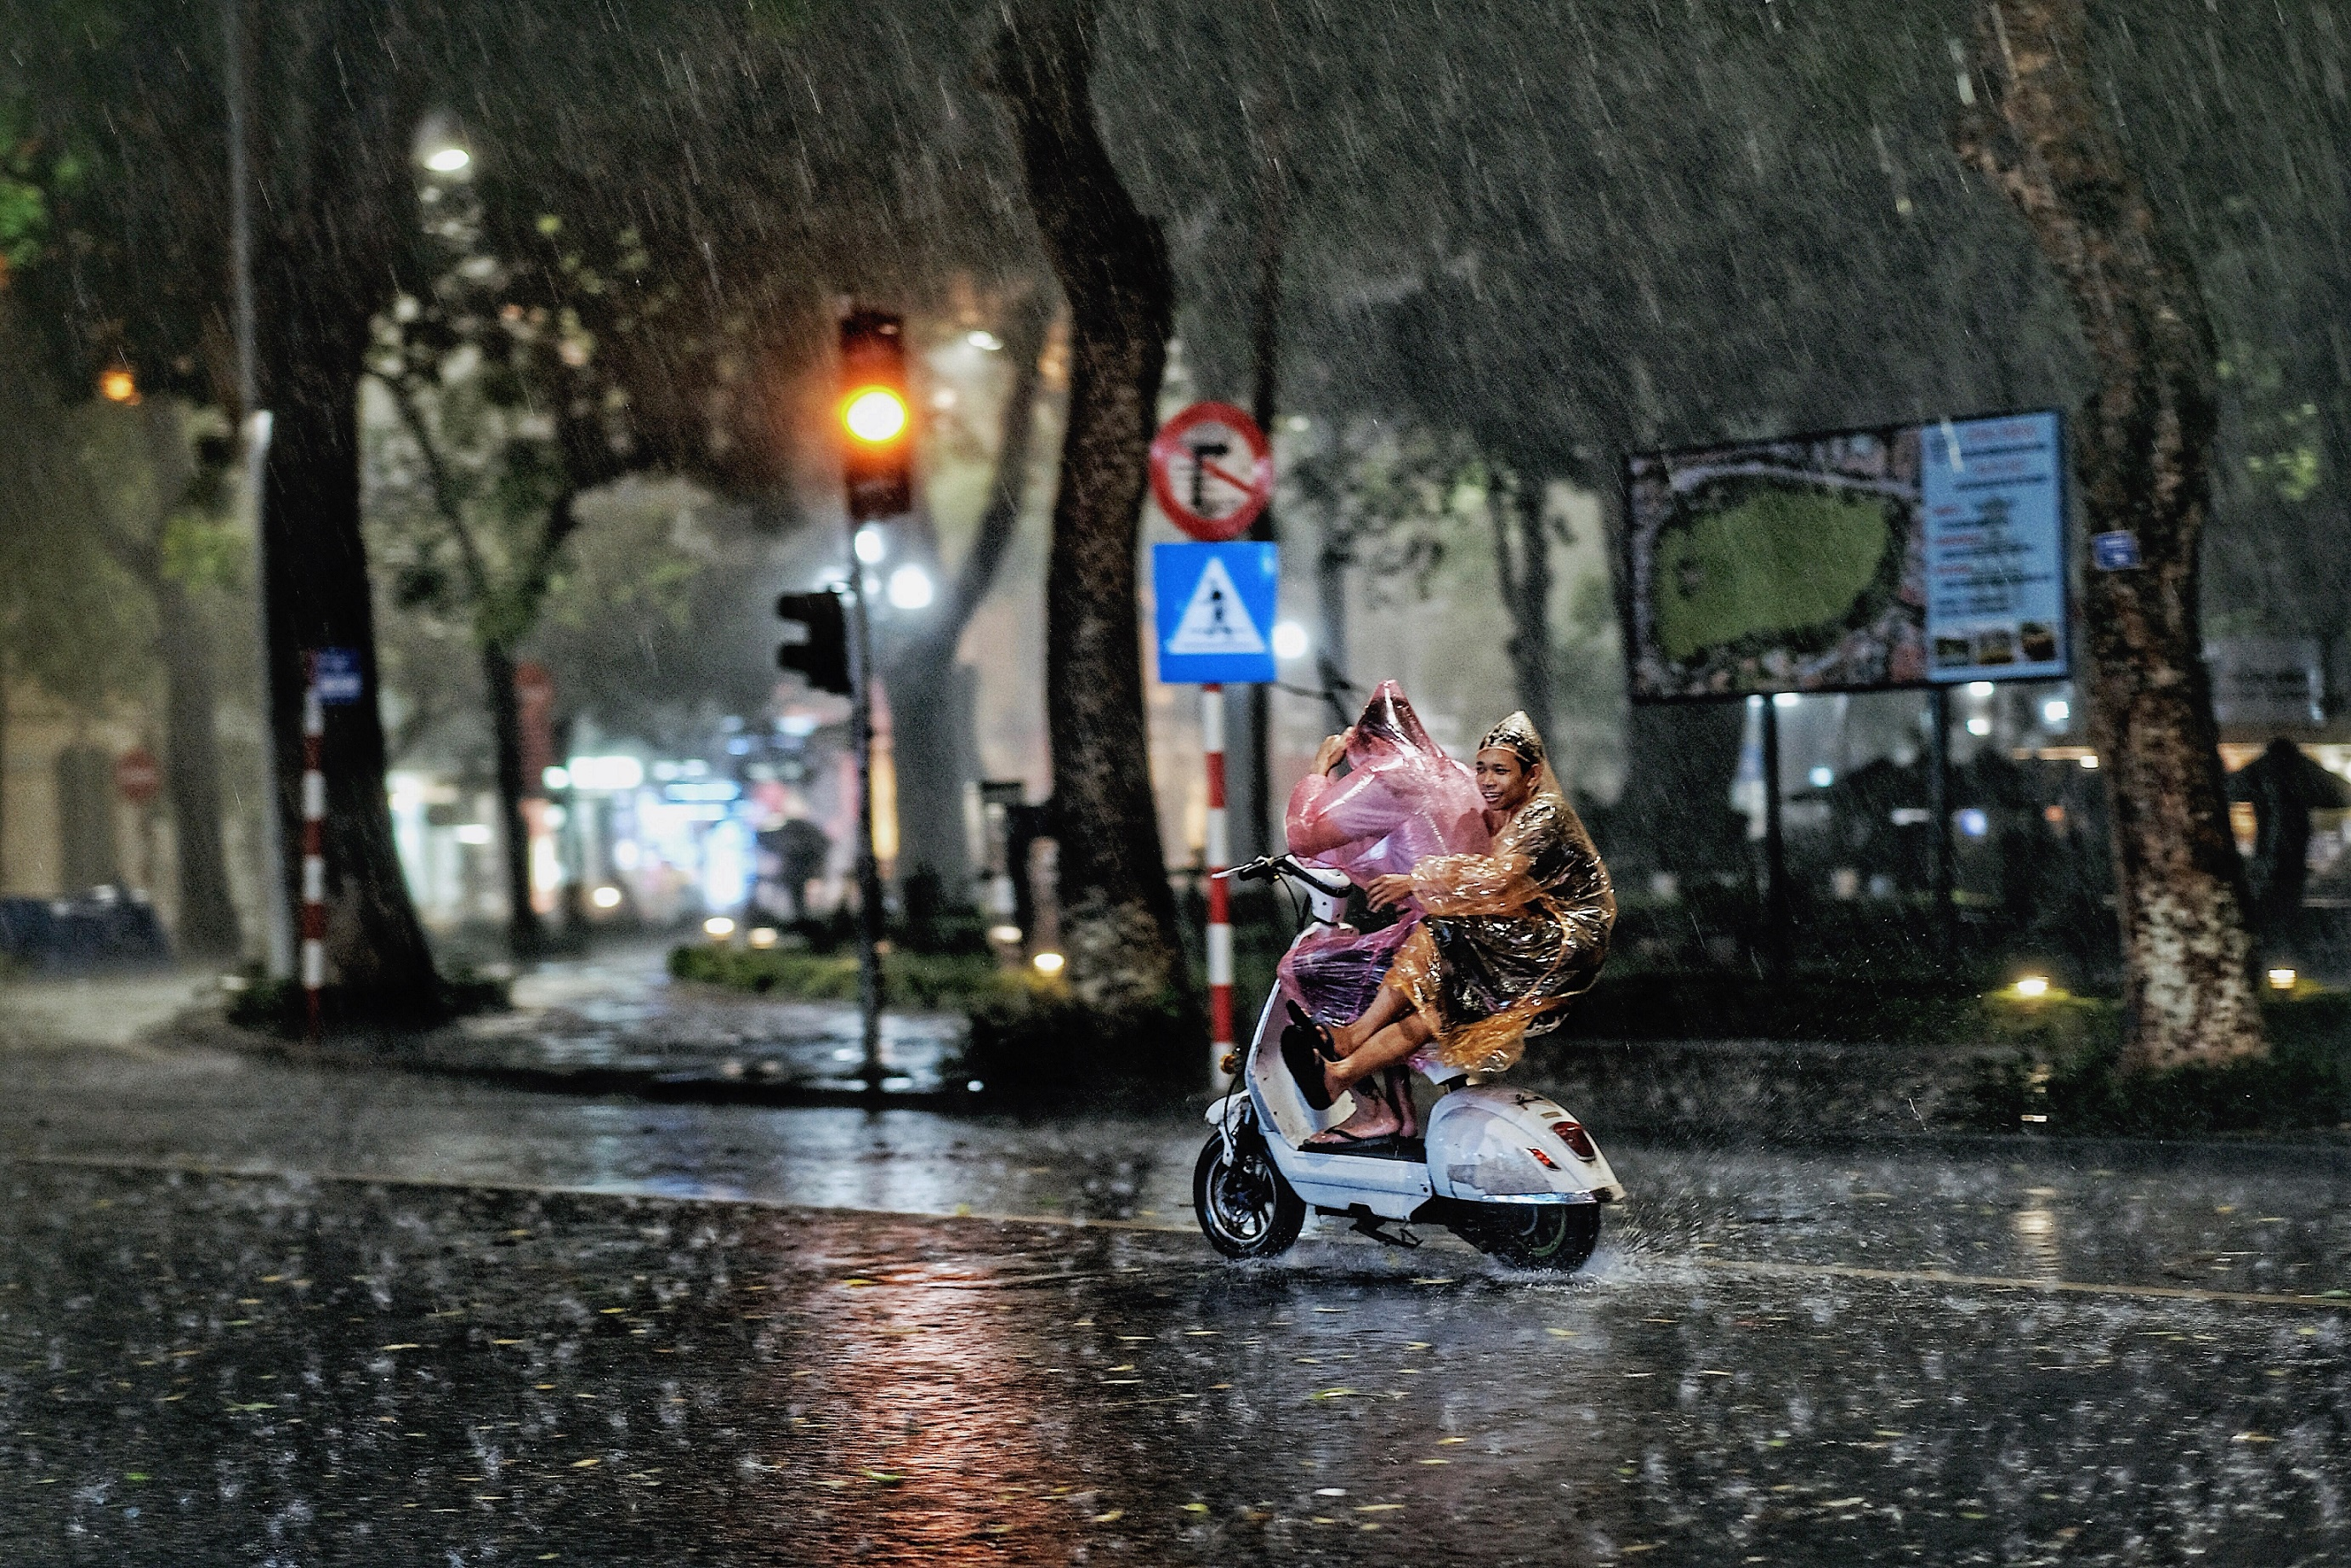 Dự báo thời tiết Đà Nẵng và các vùng cả nước hôm nay (12/5): Hà Nội mưa to, TP HCM nắng nóng gay gắt - Ảnh 1.